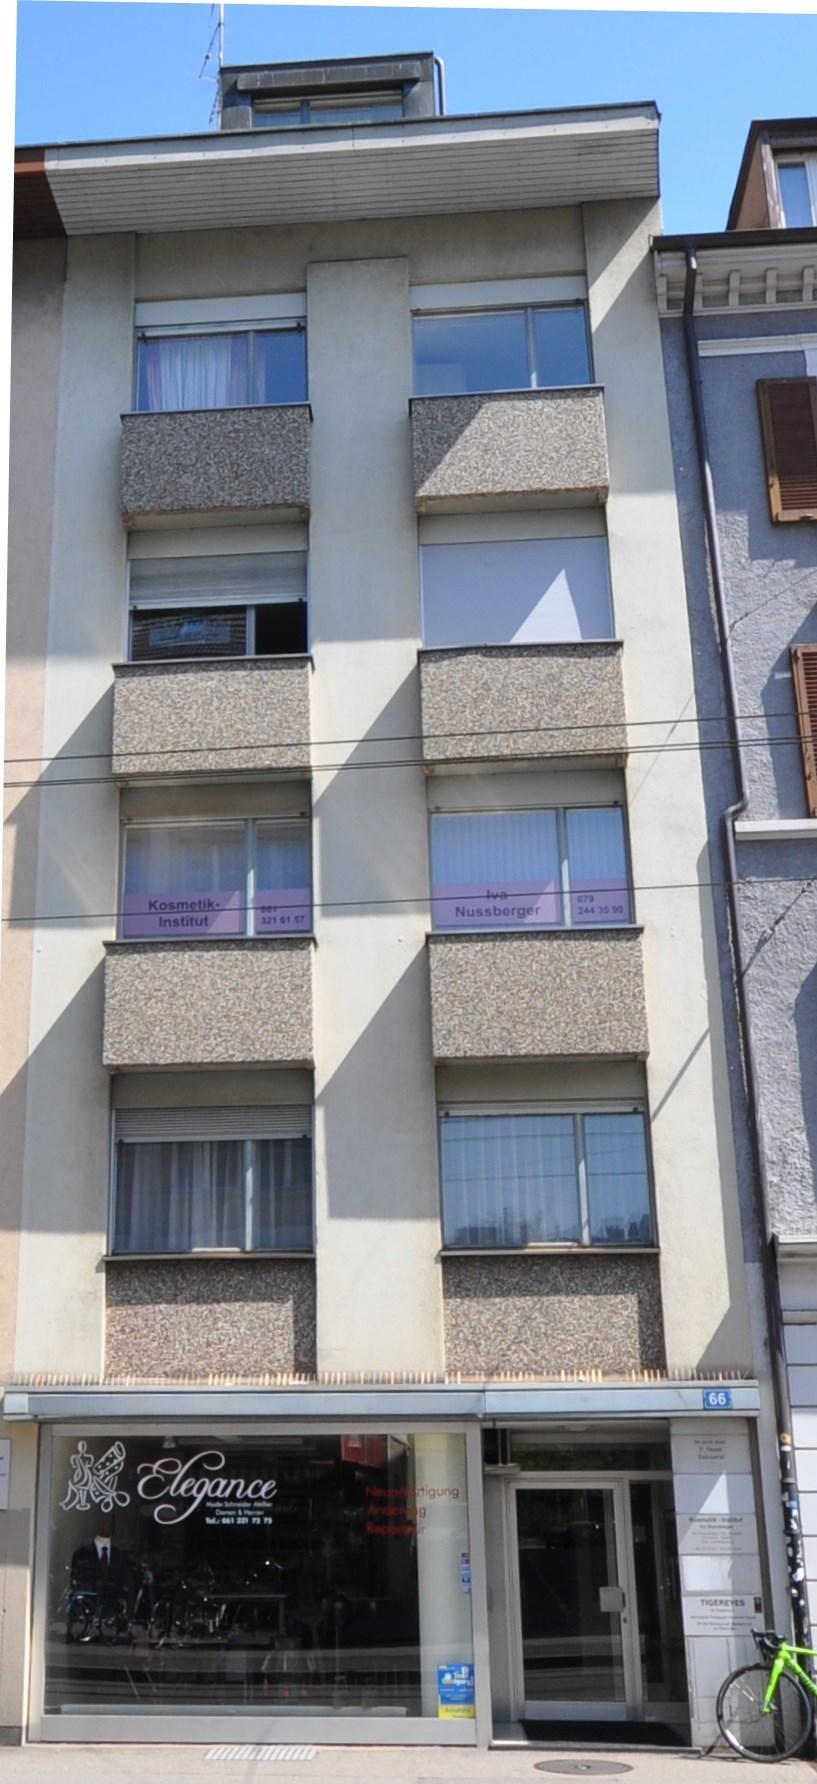 Fassade Strassenseite